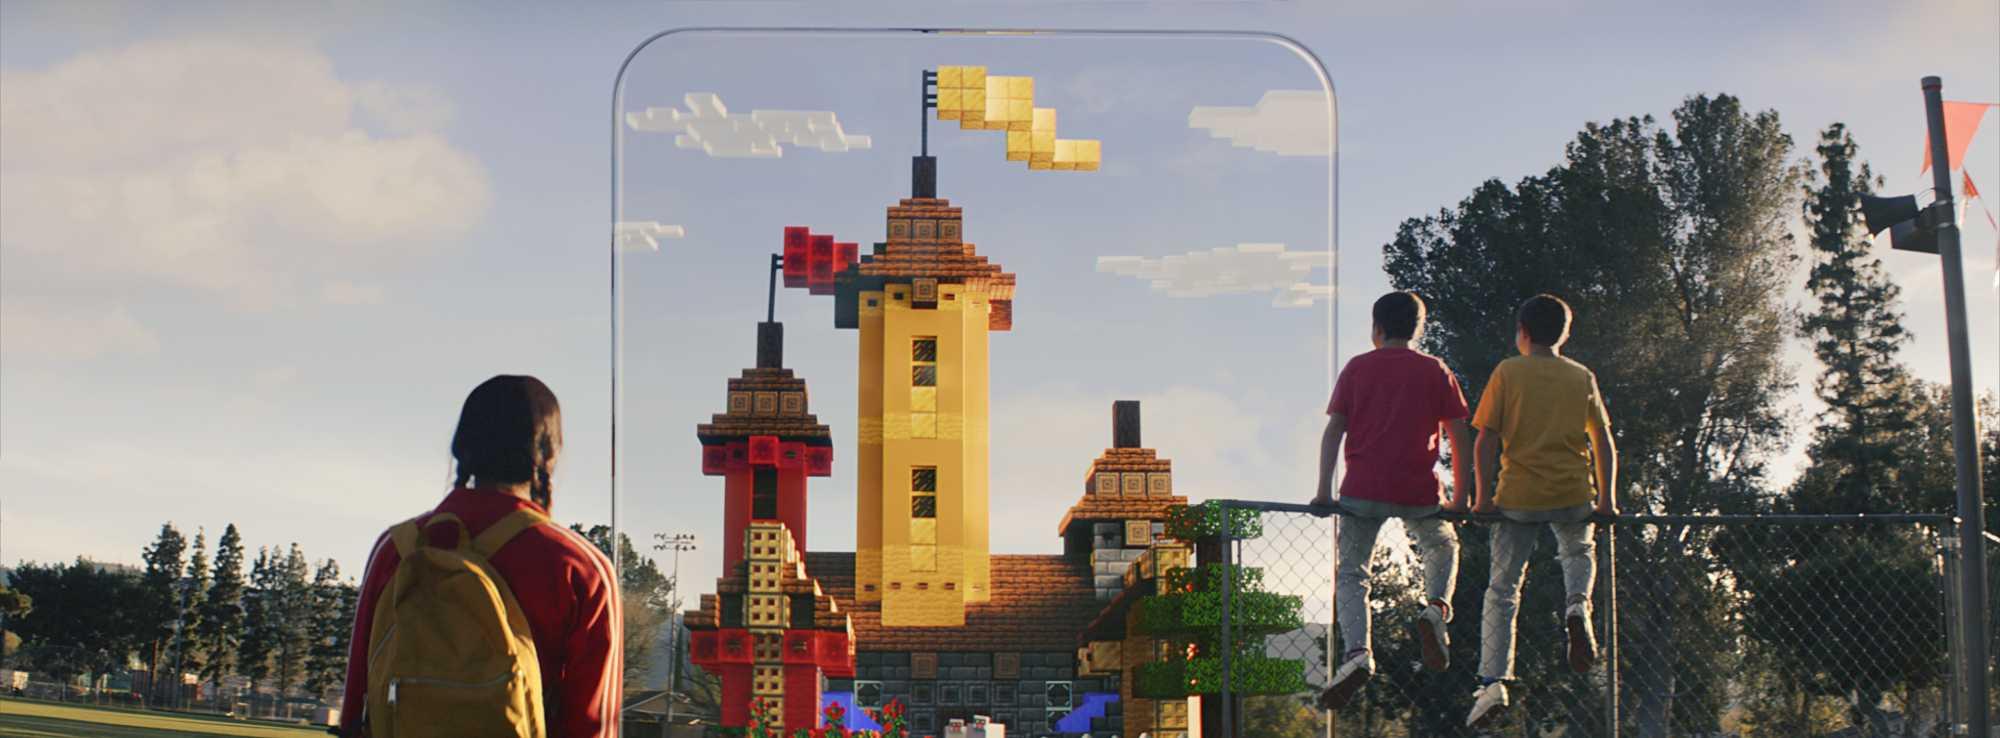 Minecraft Earth kommt nur für Android- und iOS-Mobilgeräte, nicht für das AR-Headset Hololens.